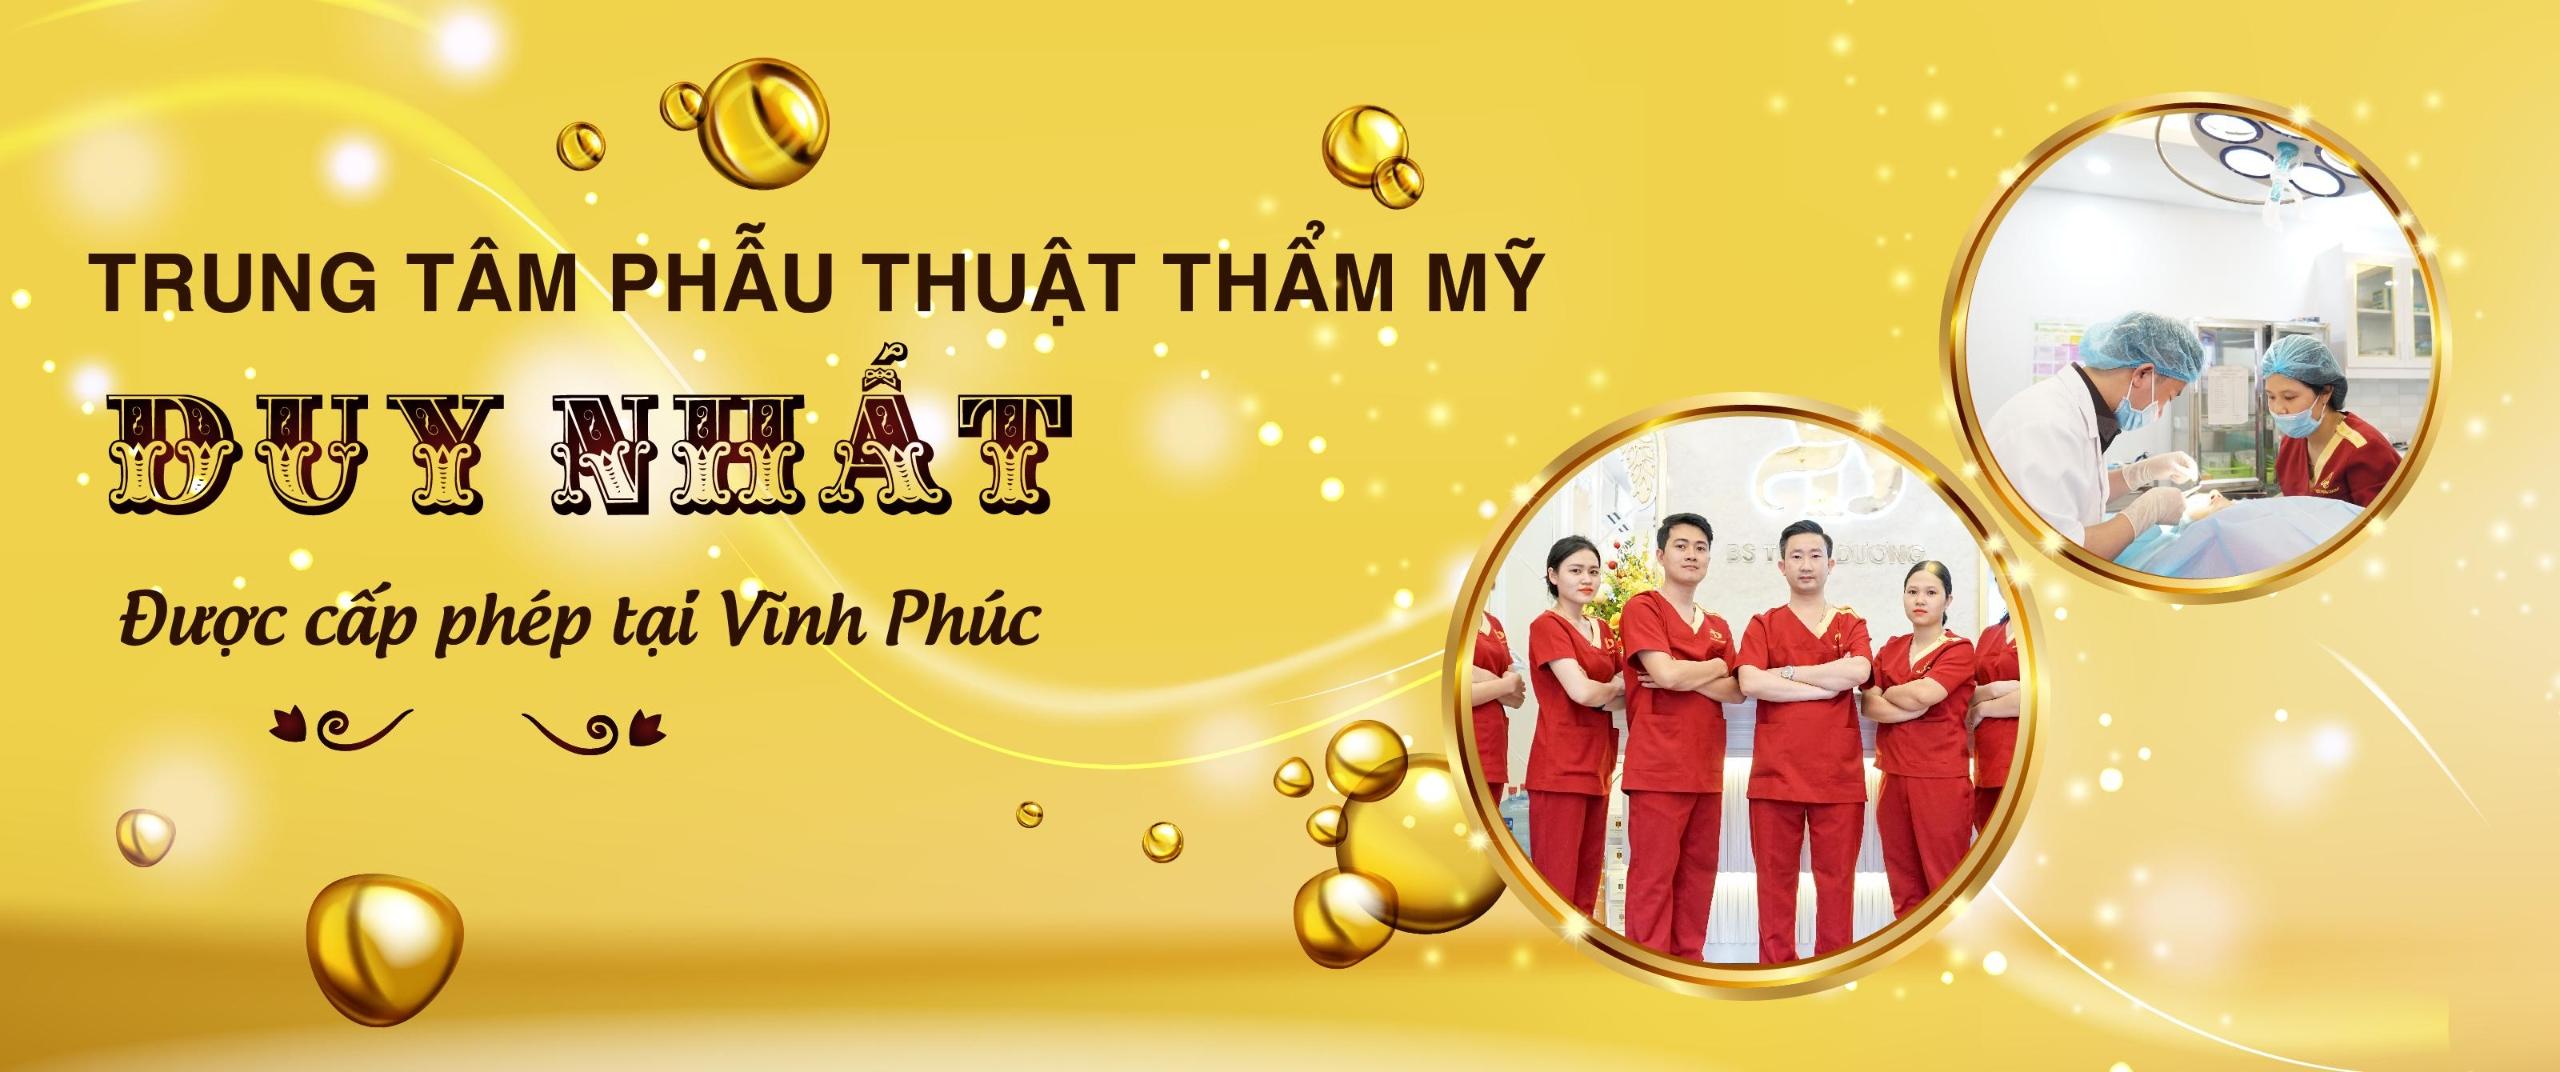 Bs Tuấn (@bstuanduong) Cover Image